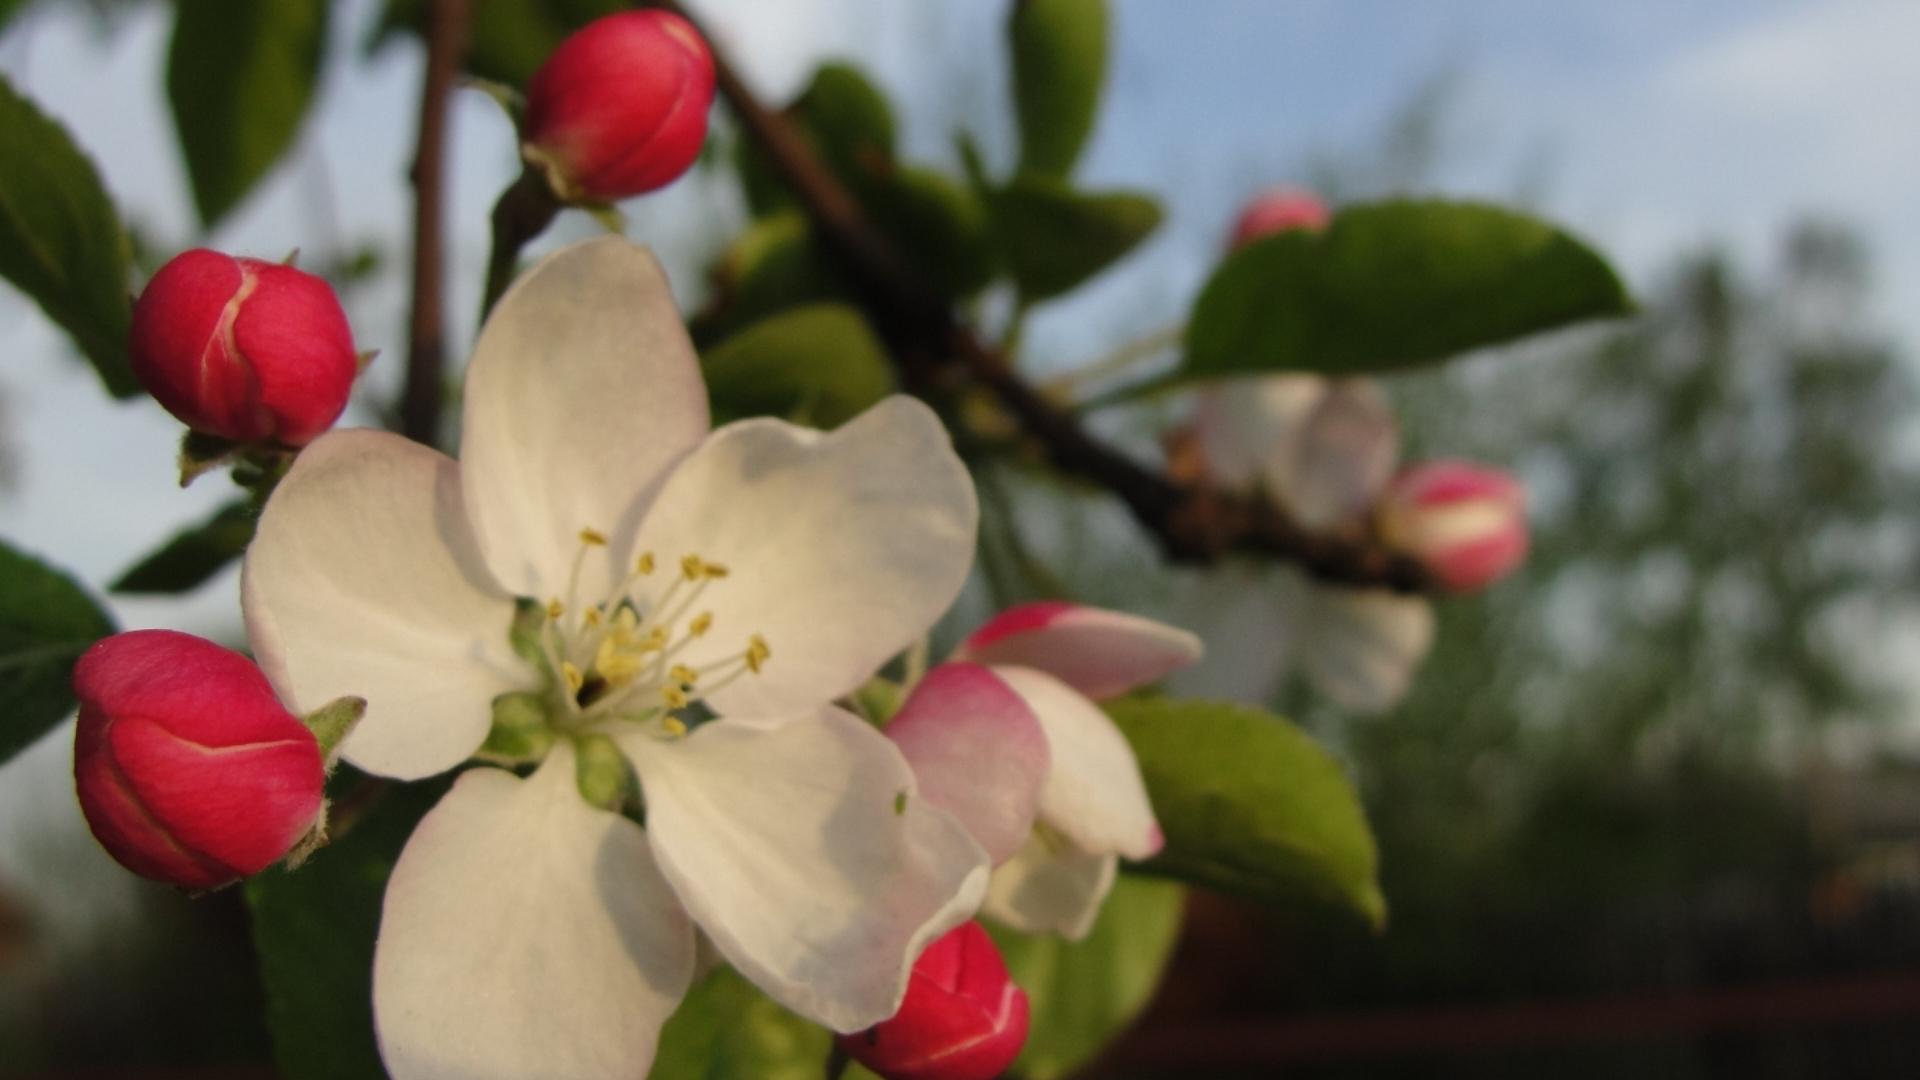 обои для рабочего стола цветущие яблони № 239686 бесплатно